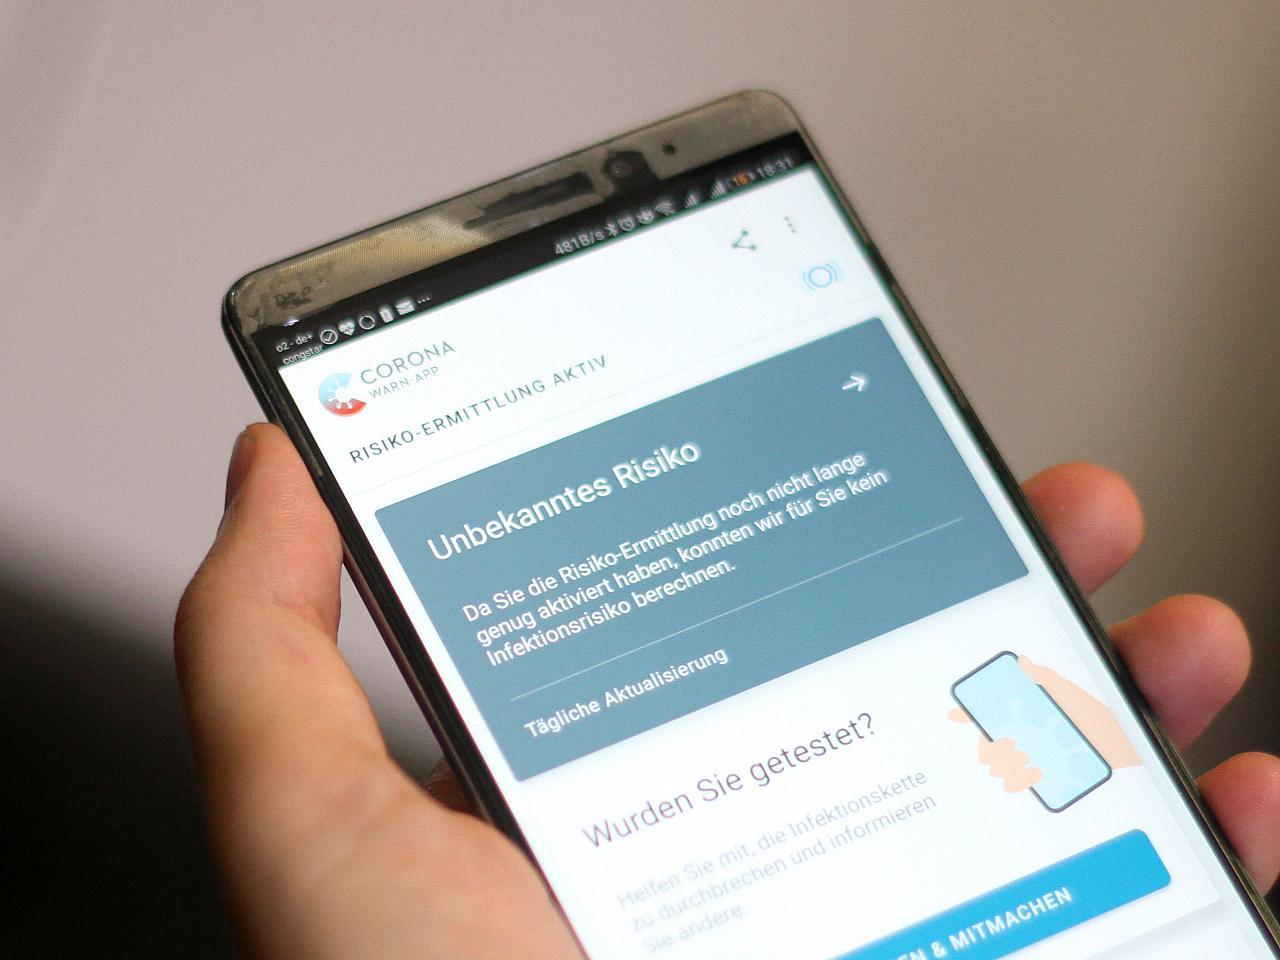 Forscher sehen Sicherheitsprobleme durch Corona-Warn-App